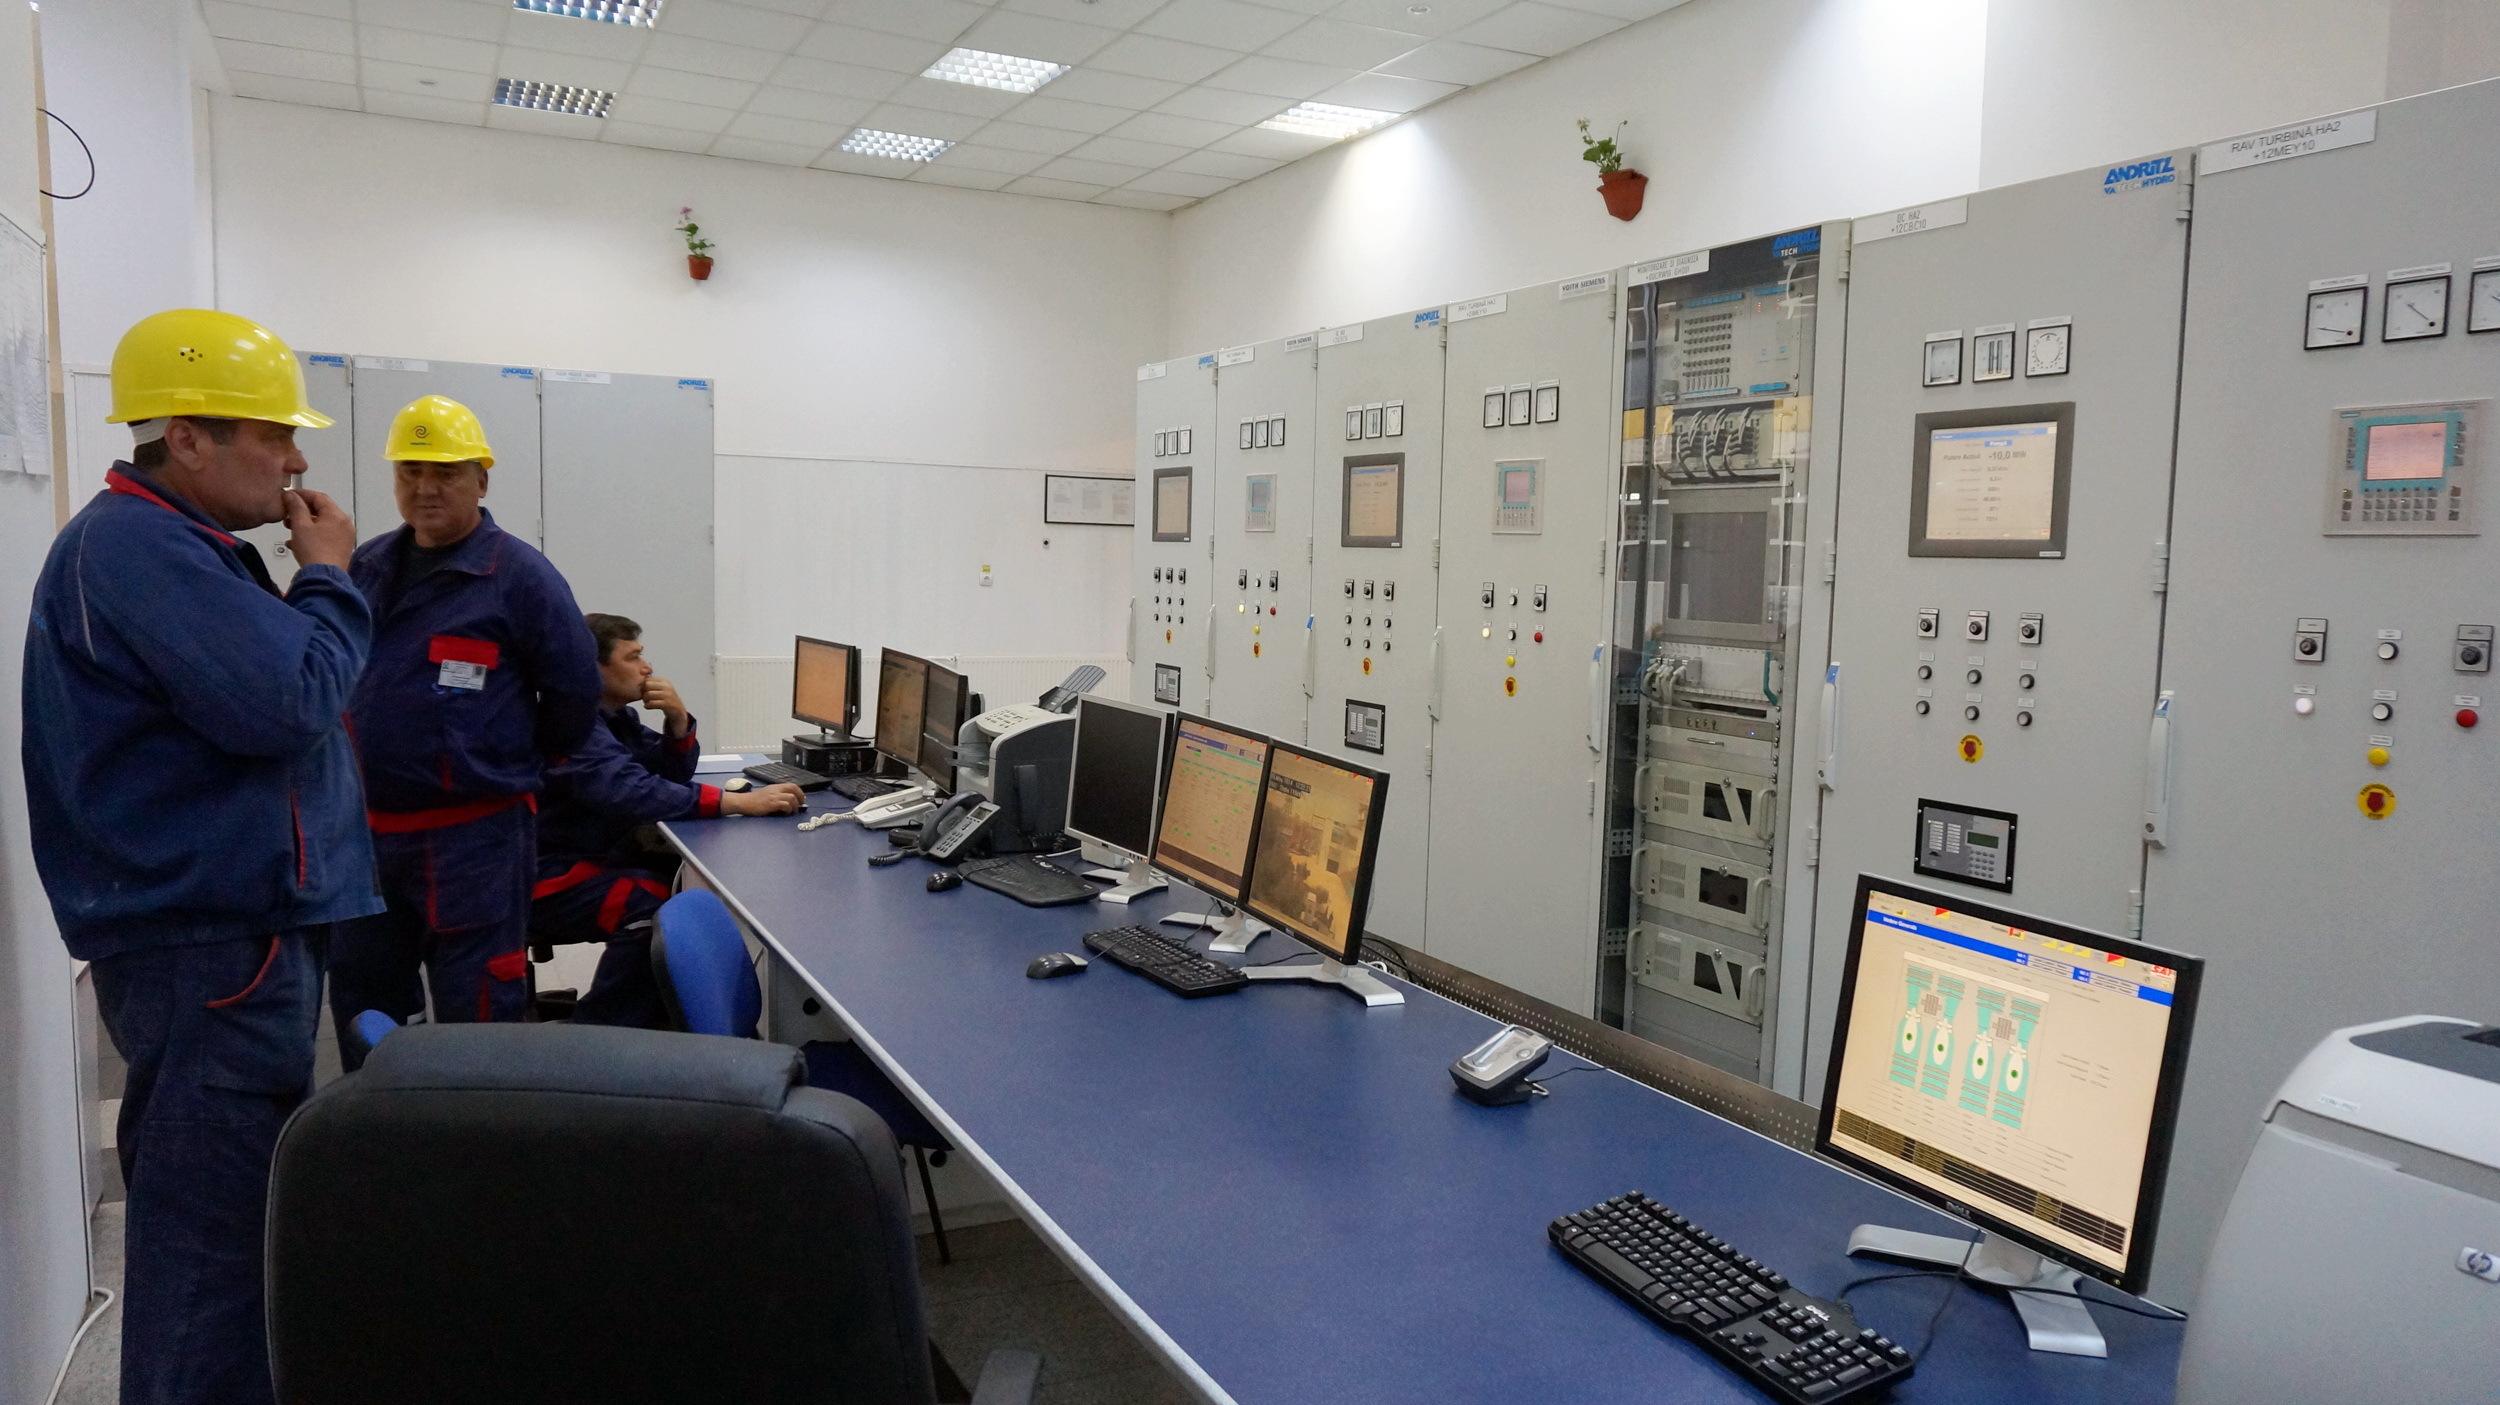 Tarniţa-Lăpuşteşti în miniatură: România are prima hidrocentrală care se poate transforma în consumator de energie, după 10 ani de lucrări şi 400 de milioane de euro. Ce-i lipseşte unităţii ca să fie rentabilă? Galerie FOTO